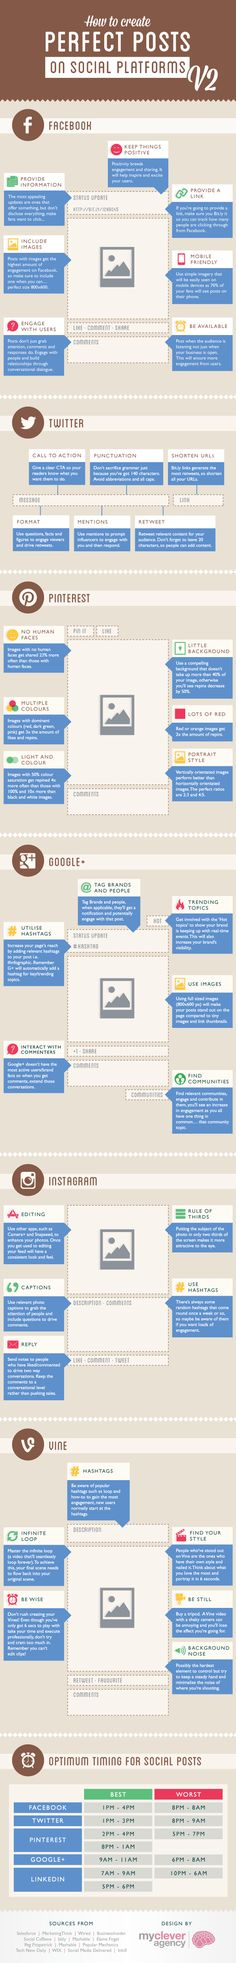 Cómo hacer post perfectos en Redes Sociales V2 #infografia #infographic #socialmedia